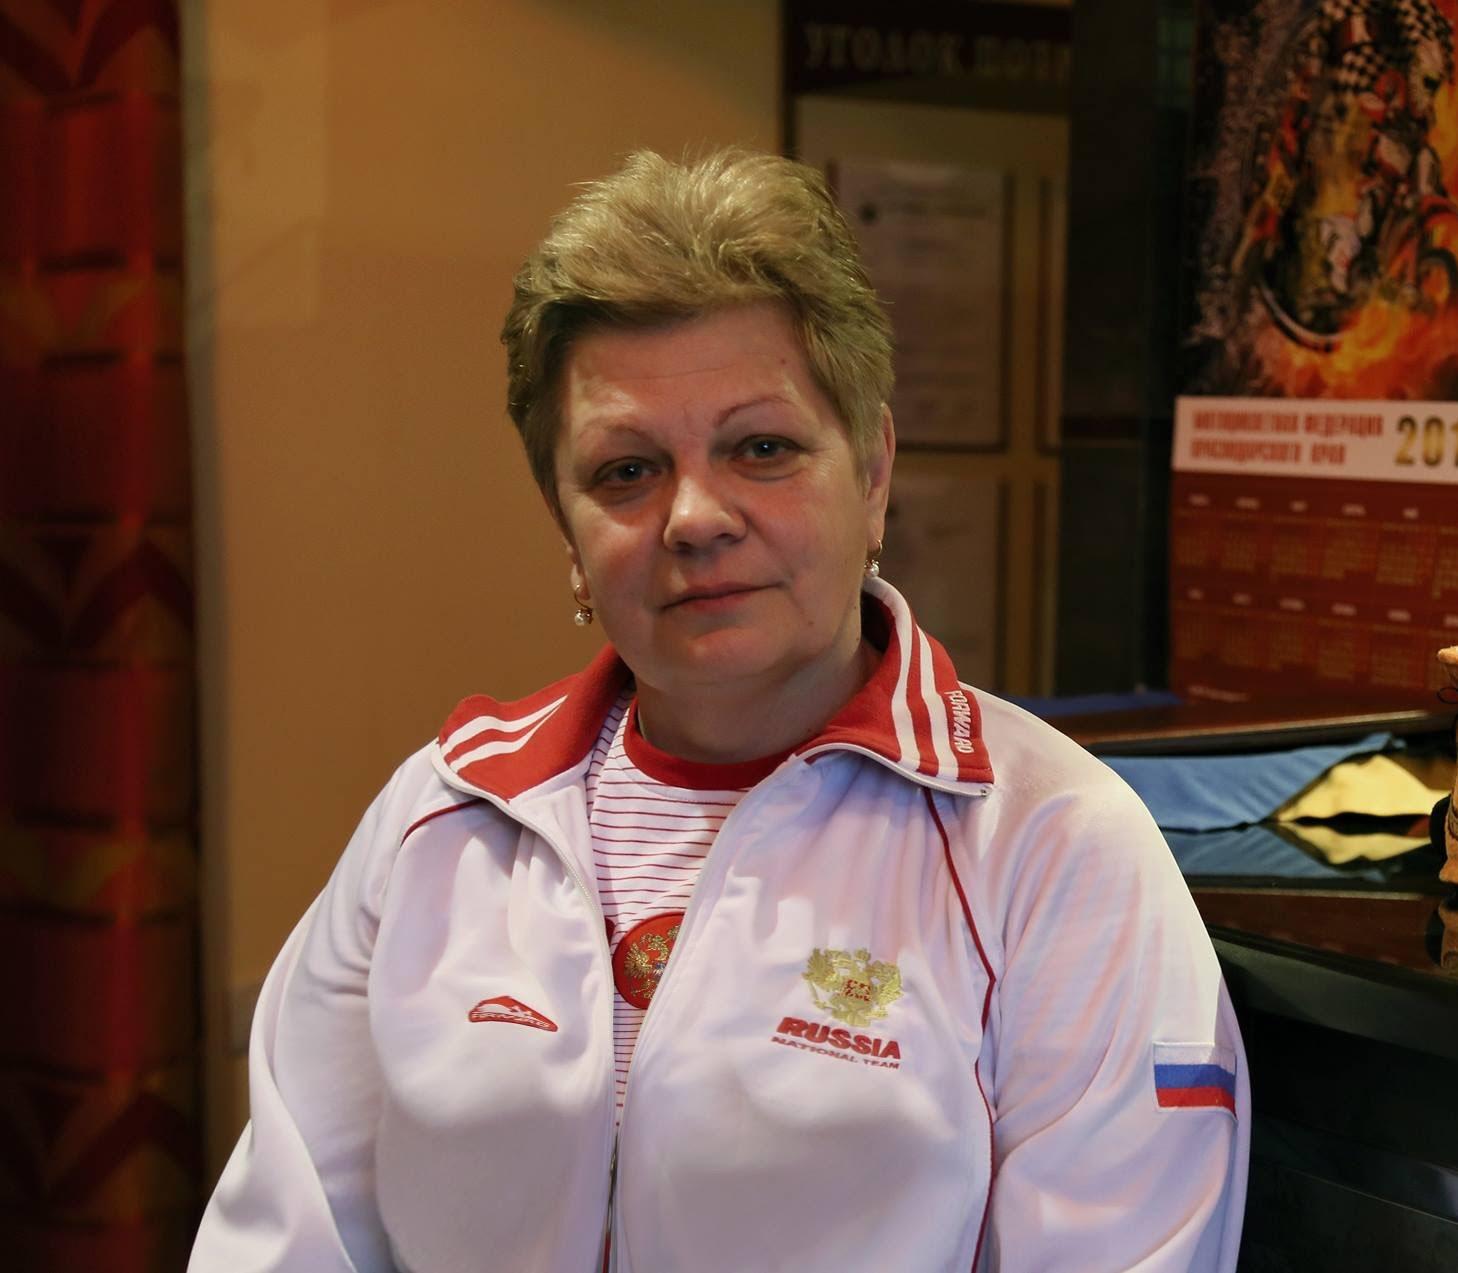 Старший тренер сборной команды России по паратриатлону Марина Никитина: «Чемпионат мира в Австралии показал, что задел перед будущим сезоном у нас создан неплохой»